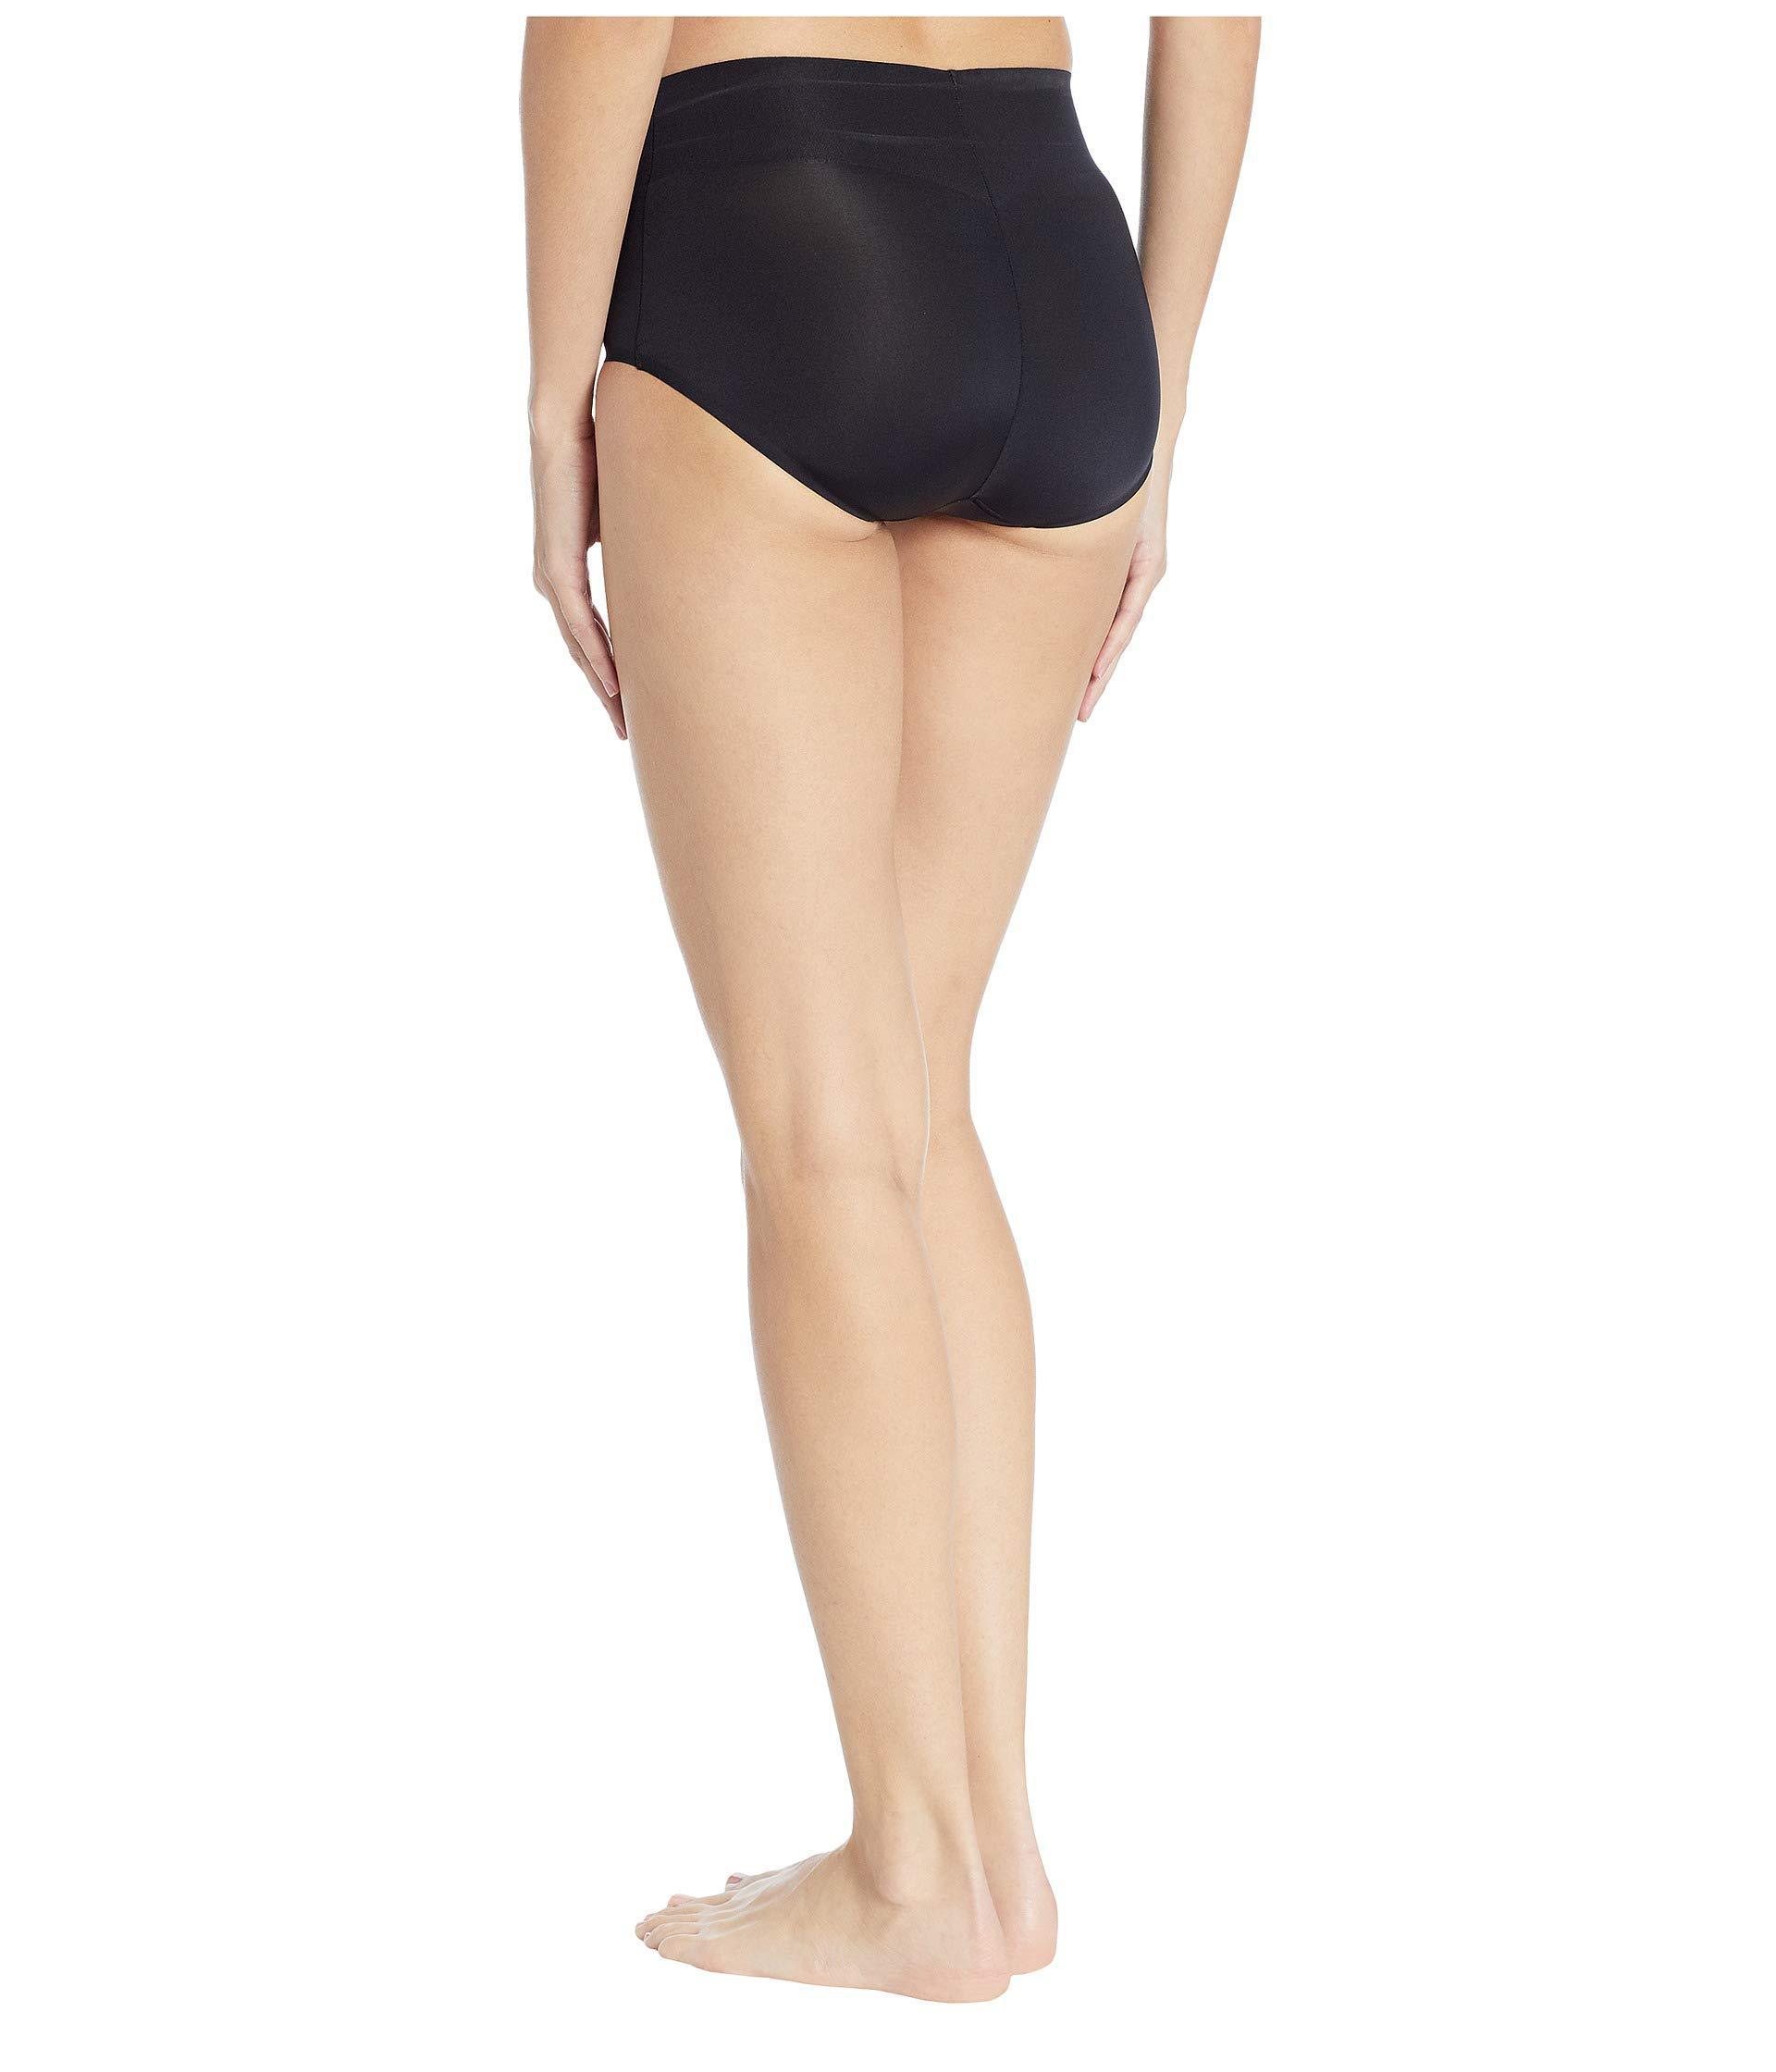 d05e71a1347 Spanx - Black Retro Brief (soft Nude) Women s Underwear - Lyst. View  fullscreen